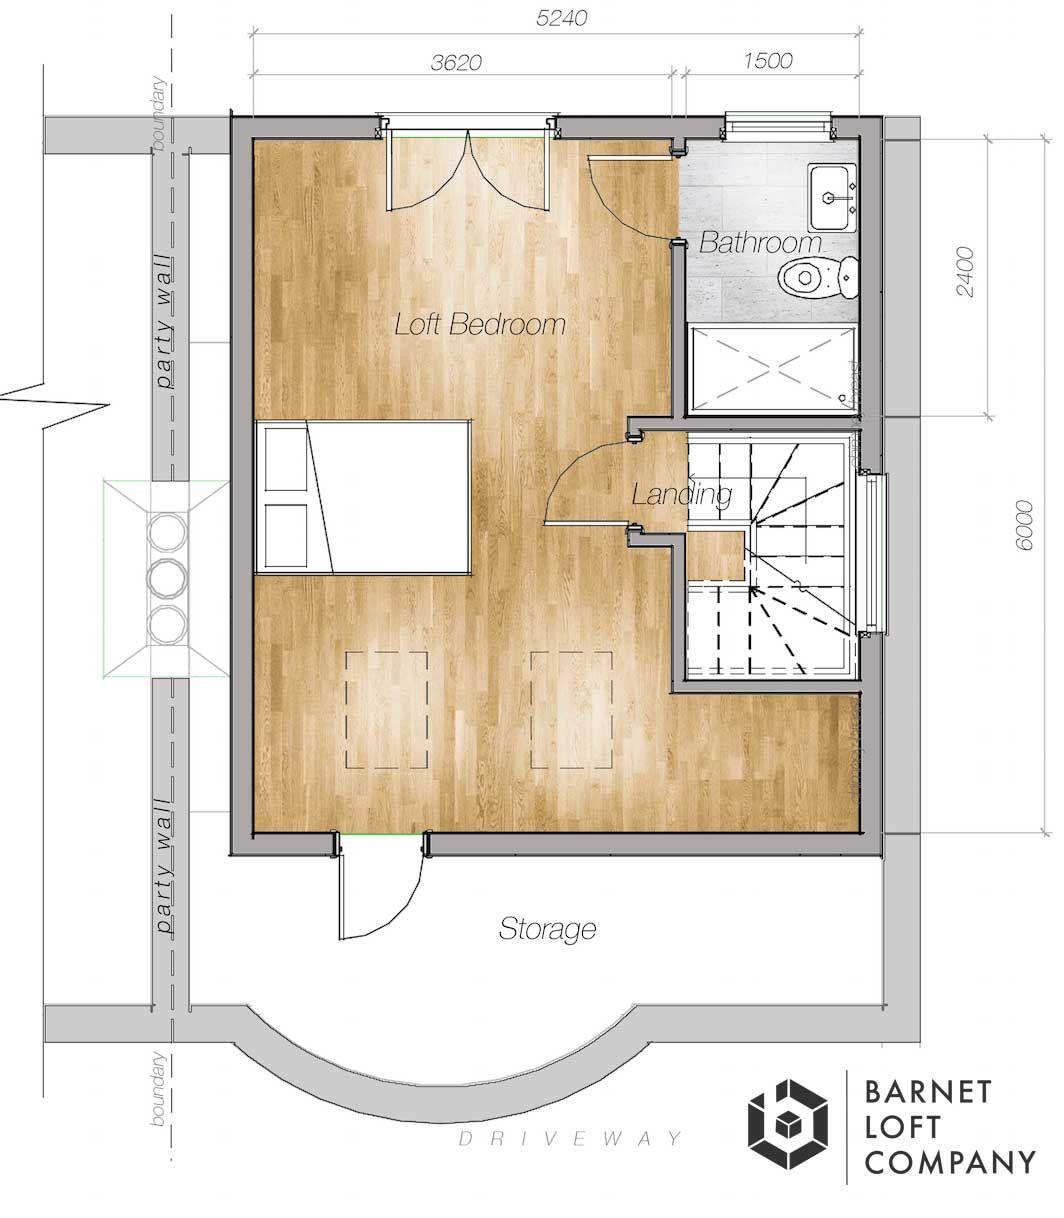 Loft Conversions London - Loft Plans   The Barnet Loft Conversions #loftconversions